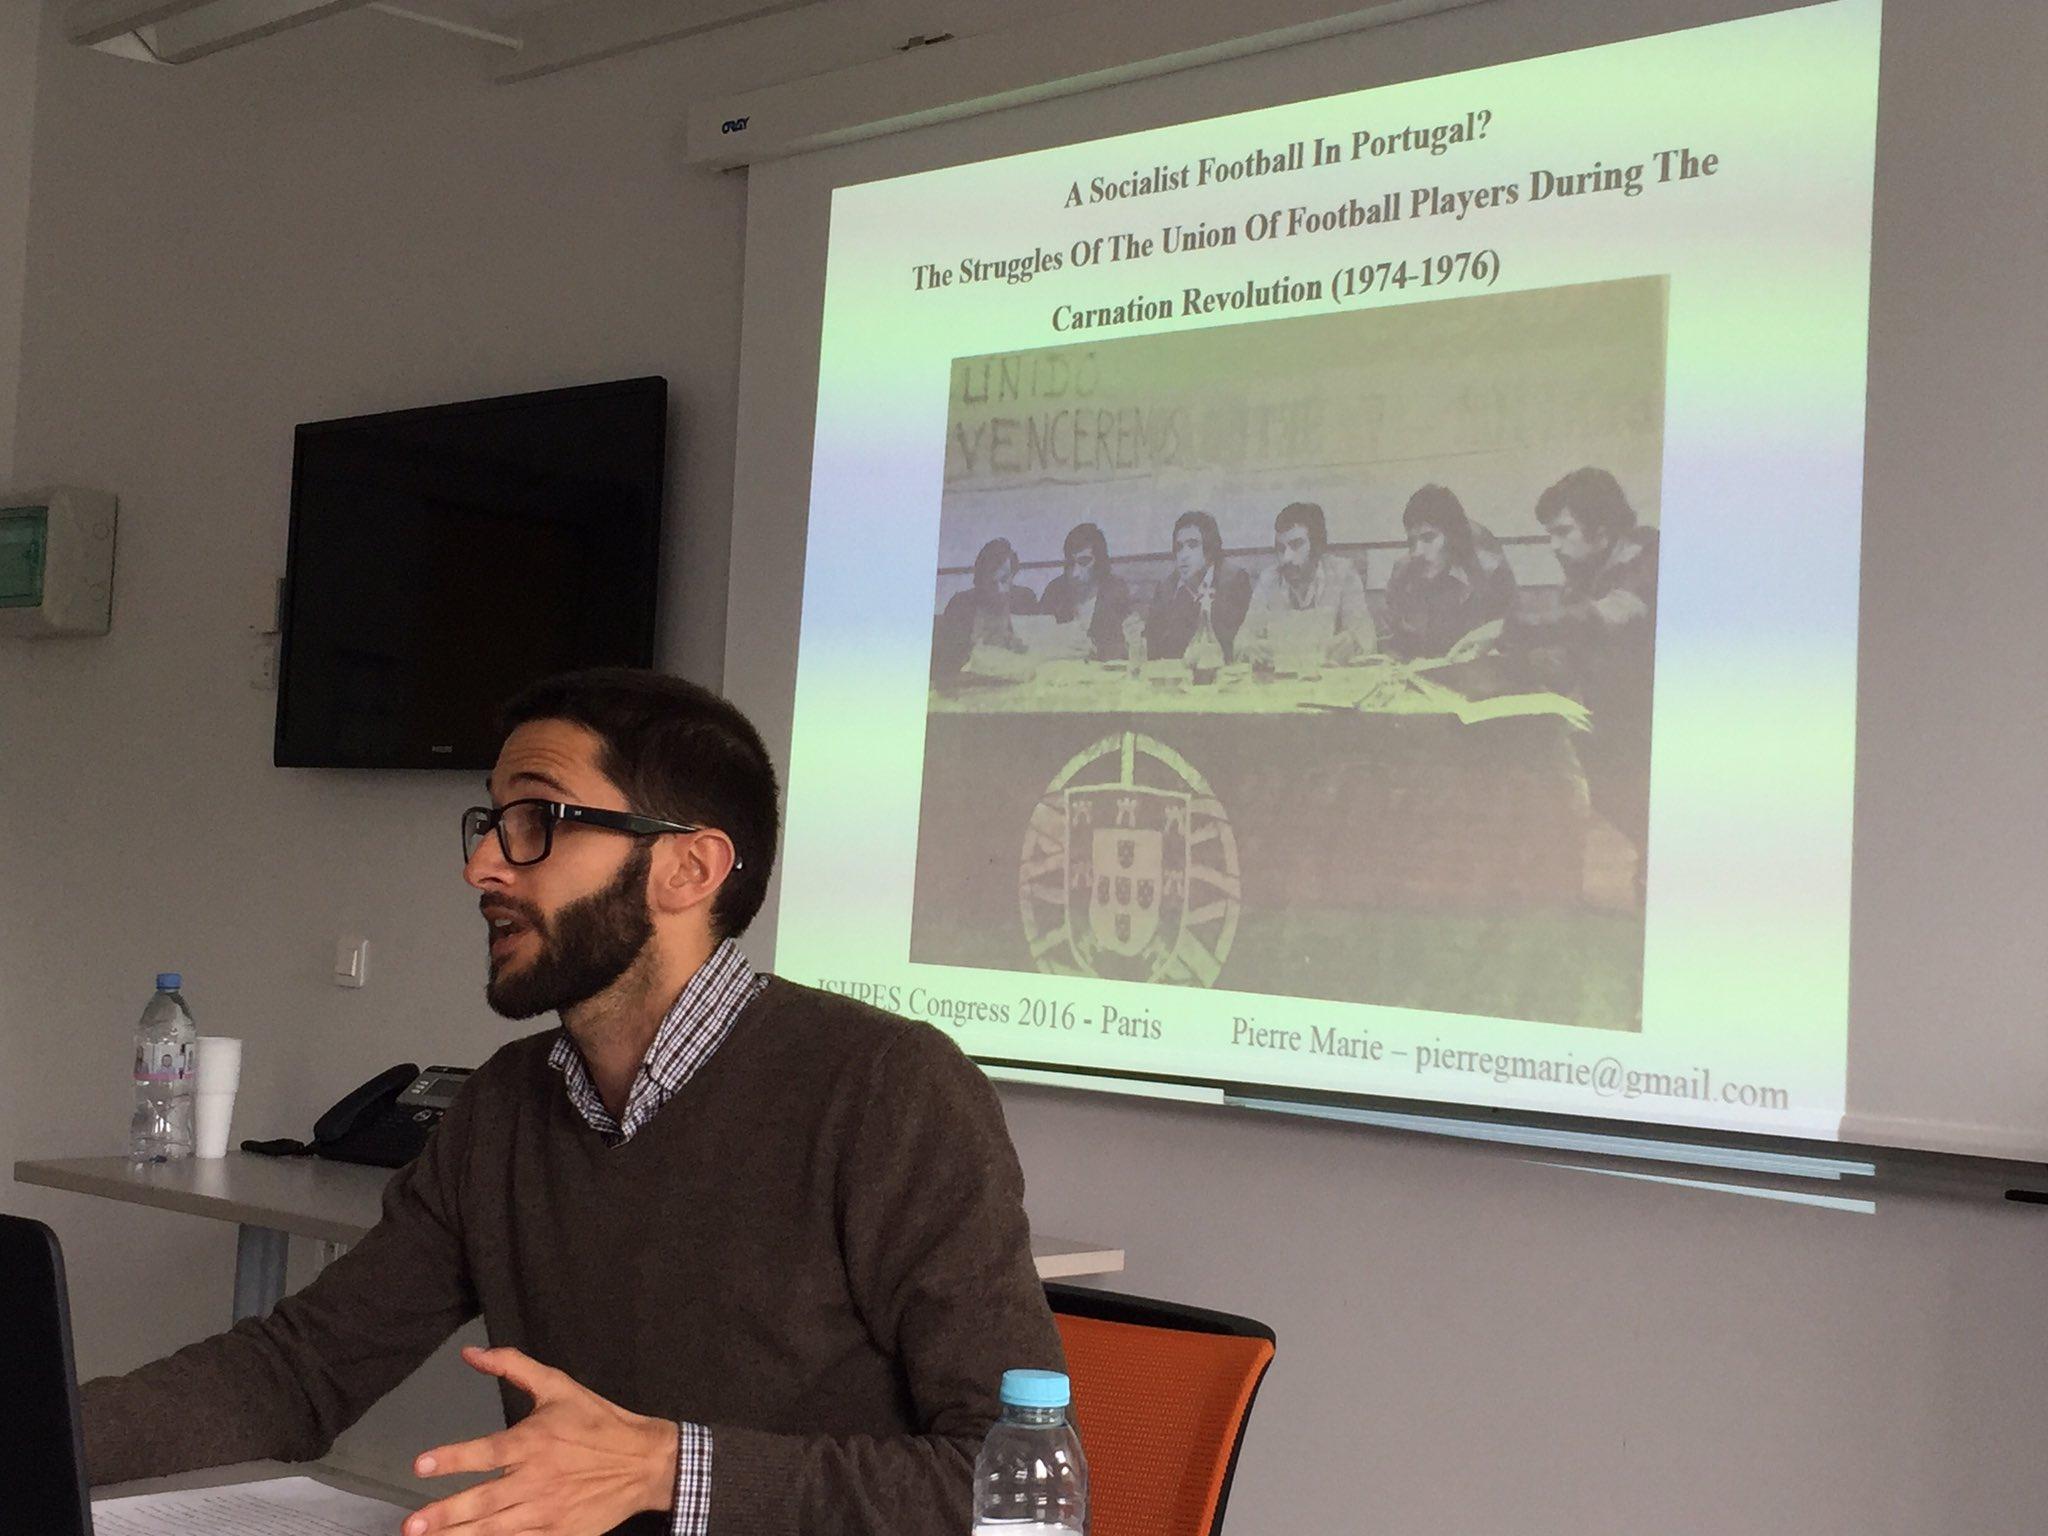 Pierre Marie: Socialist football in #POR during Carnation Revolution ? #ISHPES2016 #sporthistory https://t.co/pN3cCJZQoe